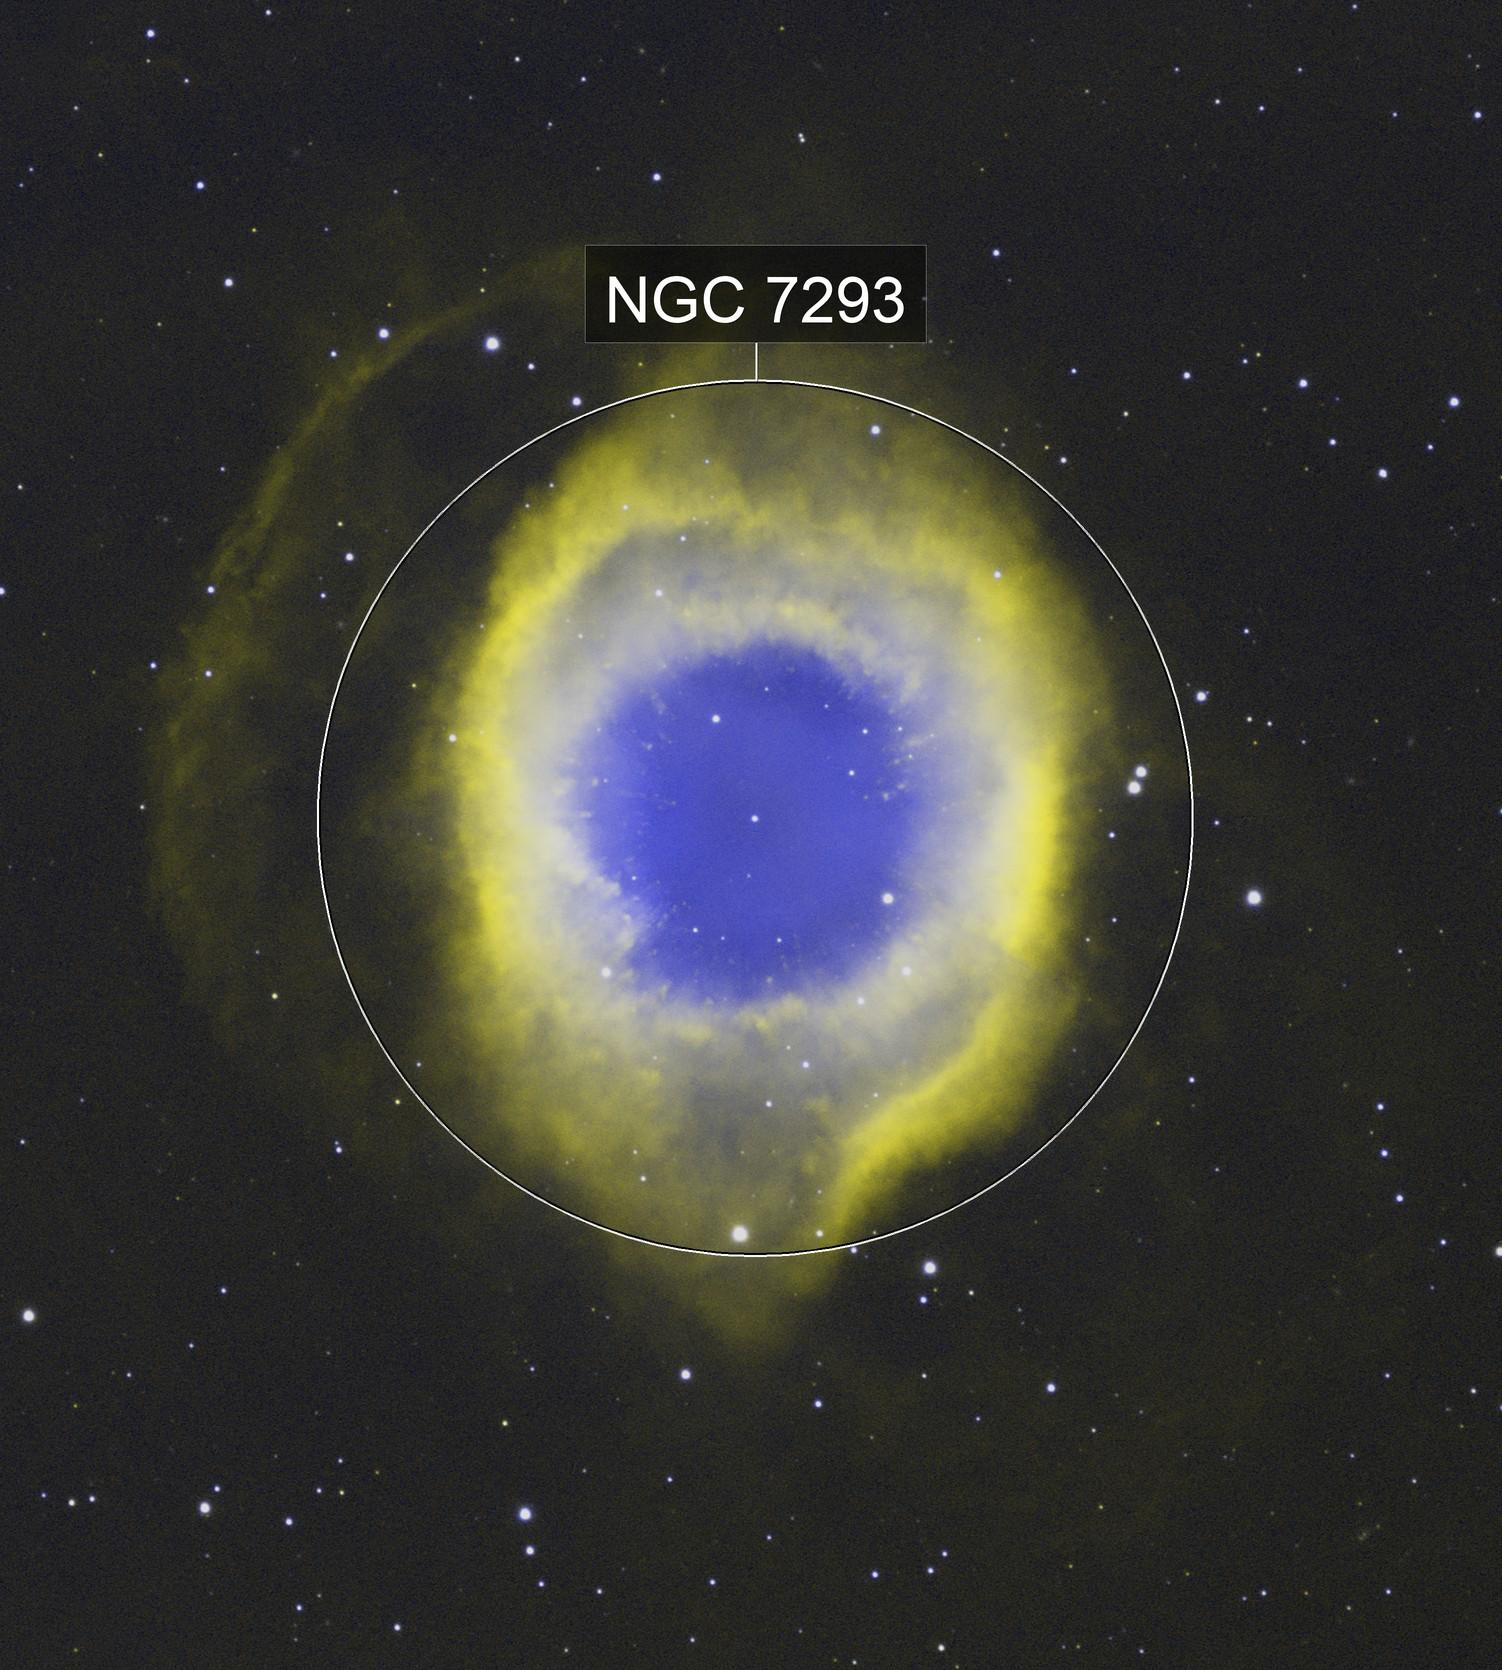 NGC7293-The Helix Nebula in NB